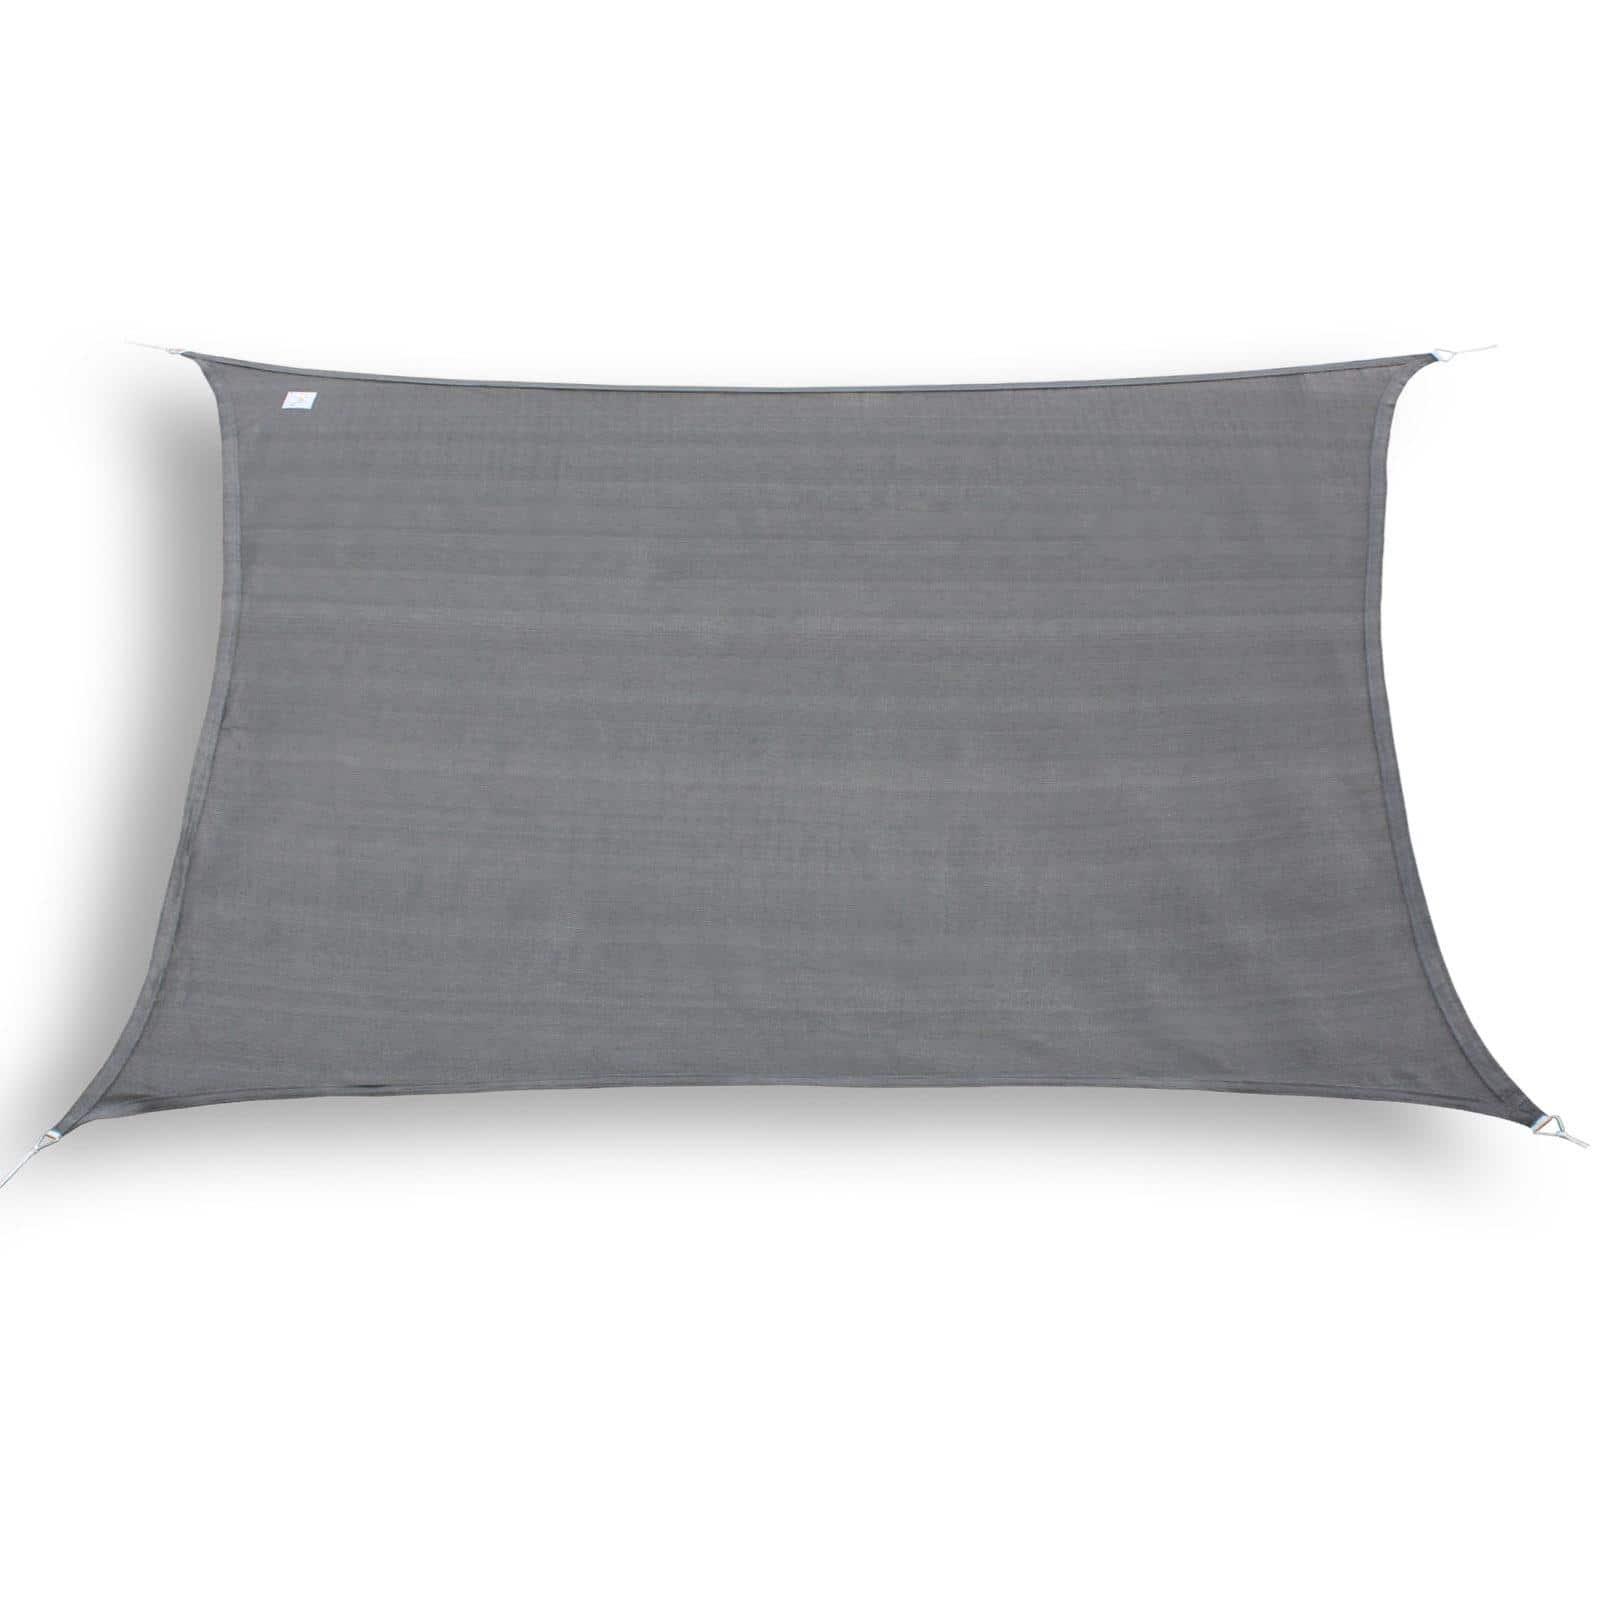 hanSe® Schaduwdoek Rechthoek Waterdoorlatend 4x6 m - zonnedoek - Grijs